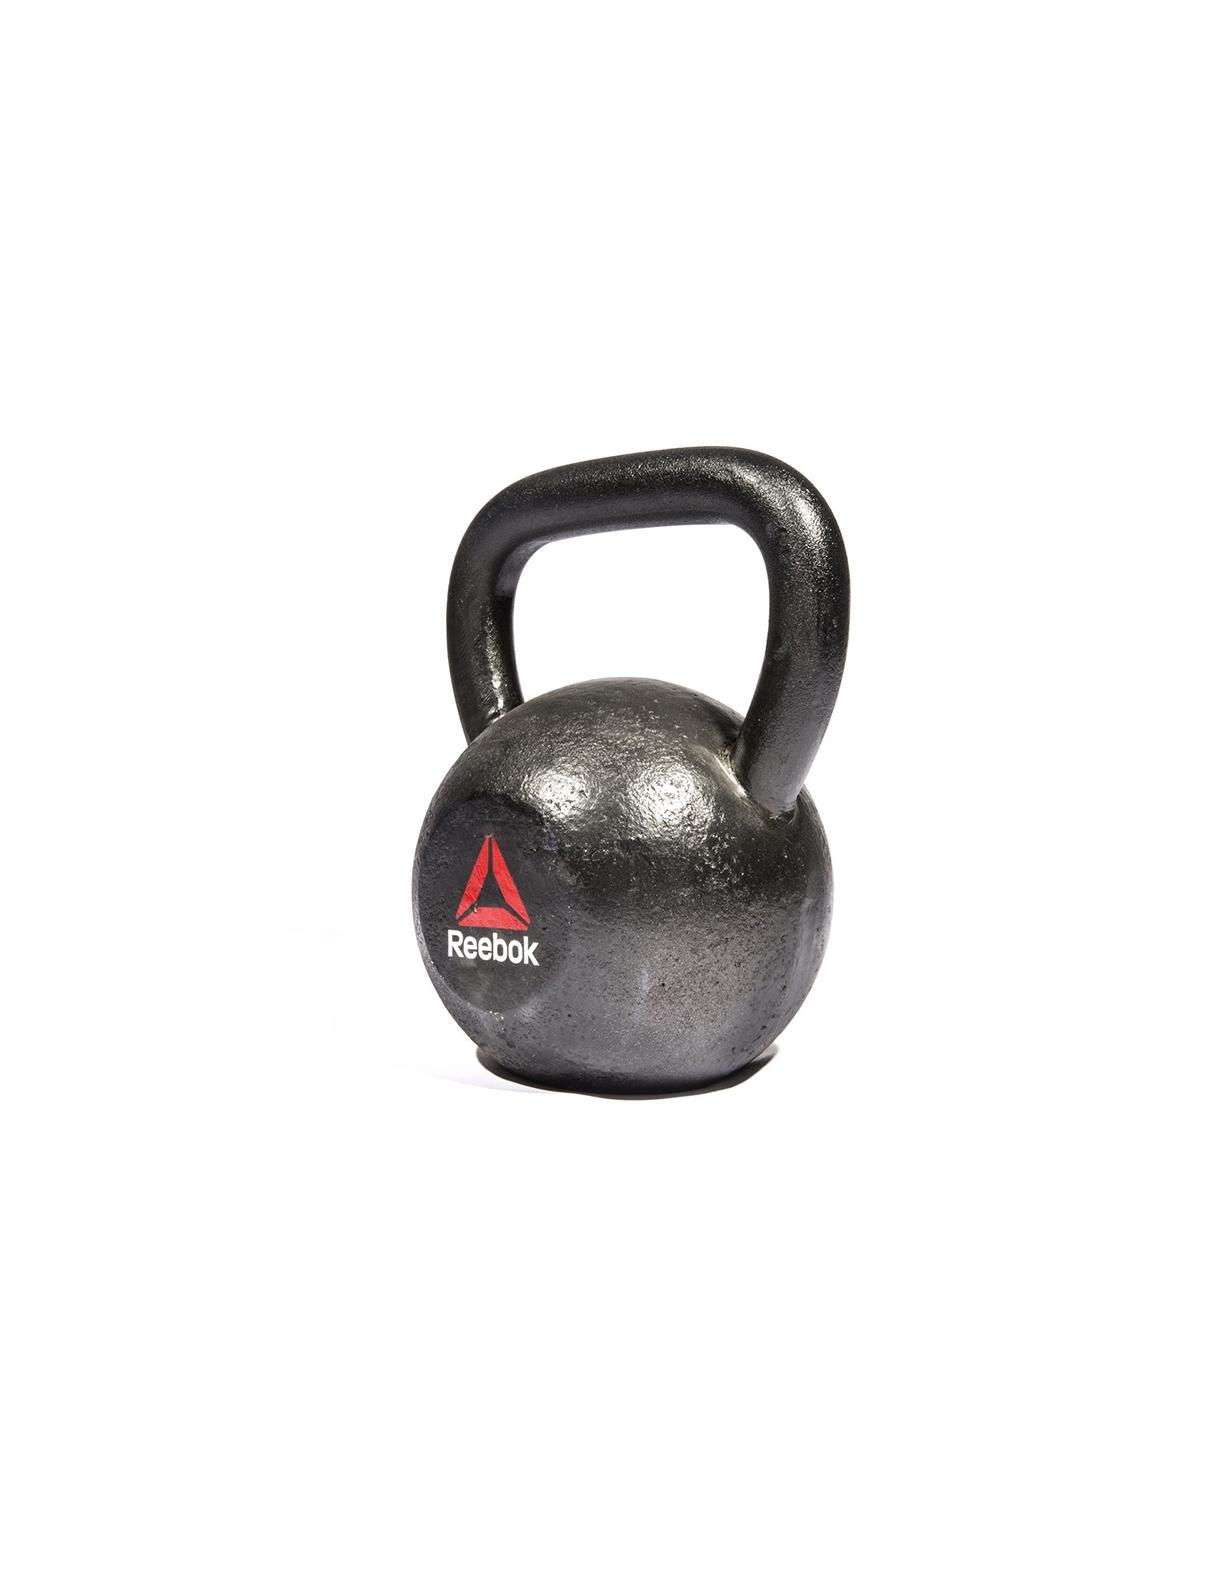 RSWT-12304 - Kettlebell - 12kg